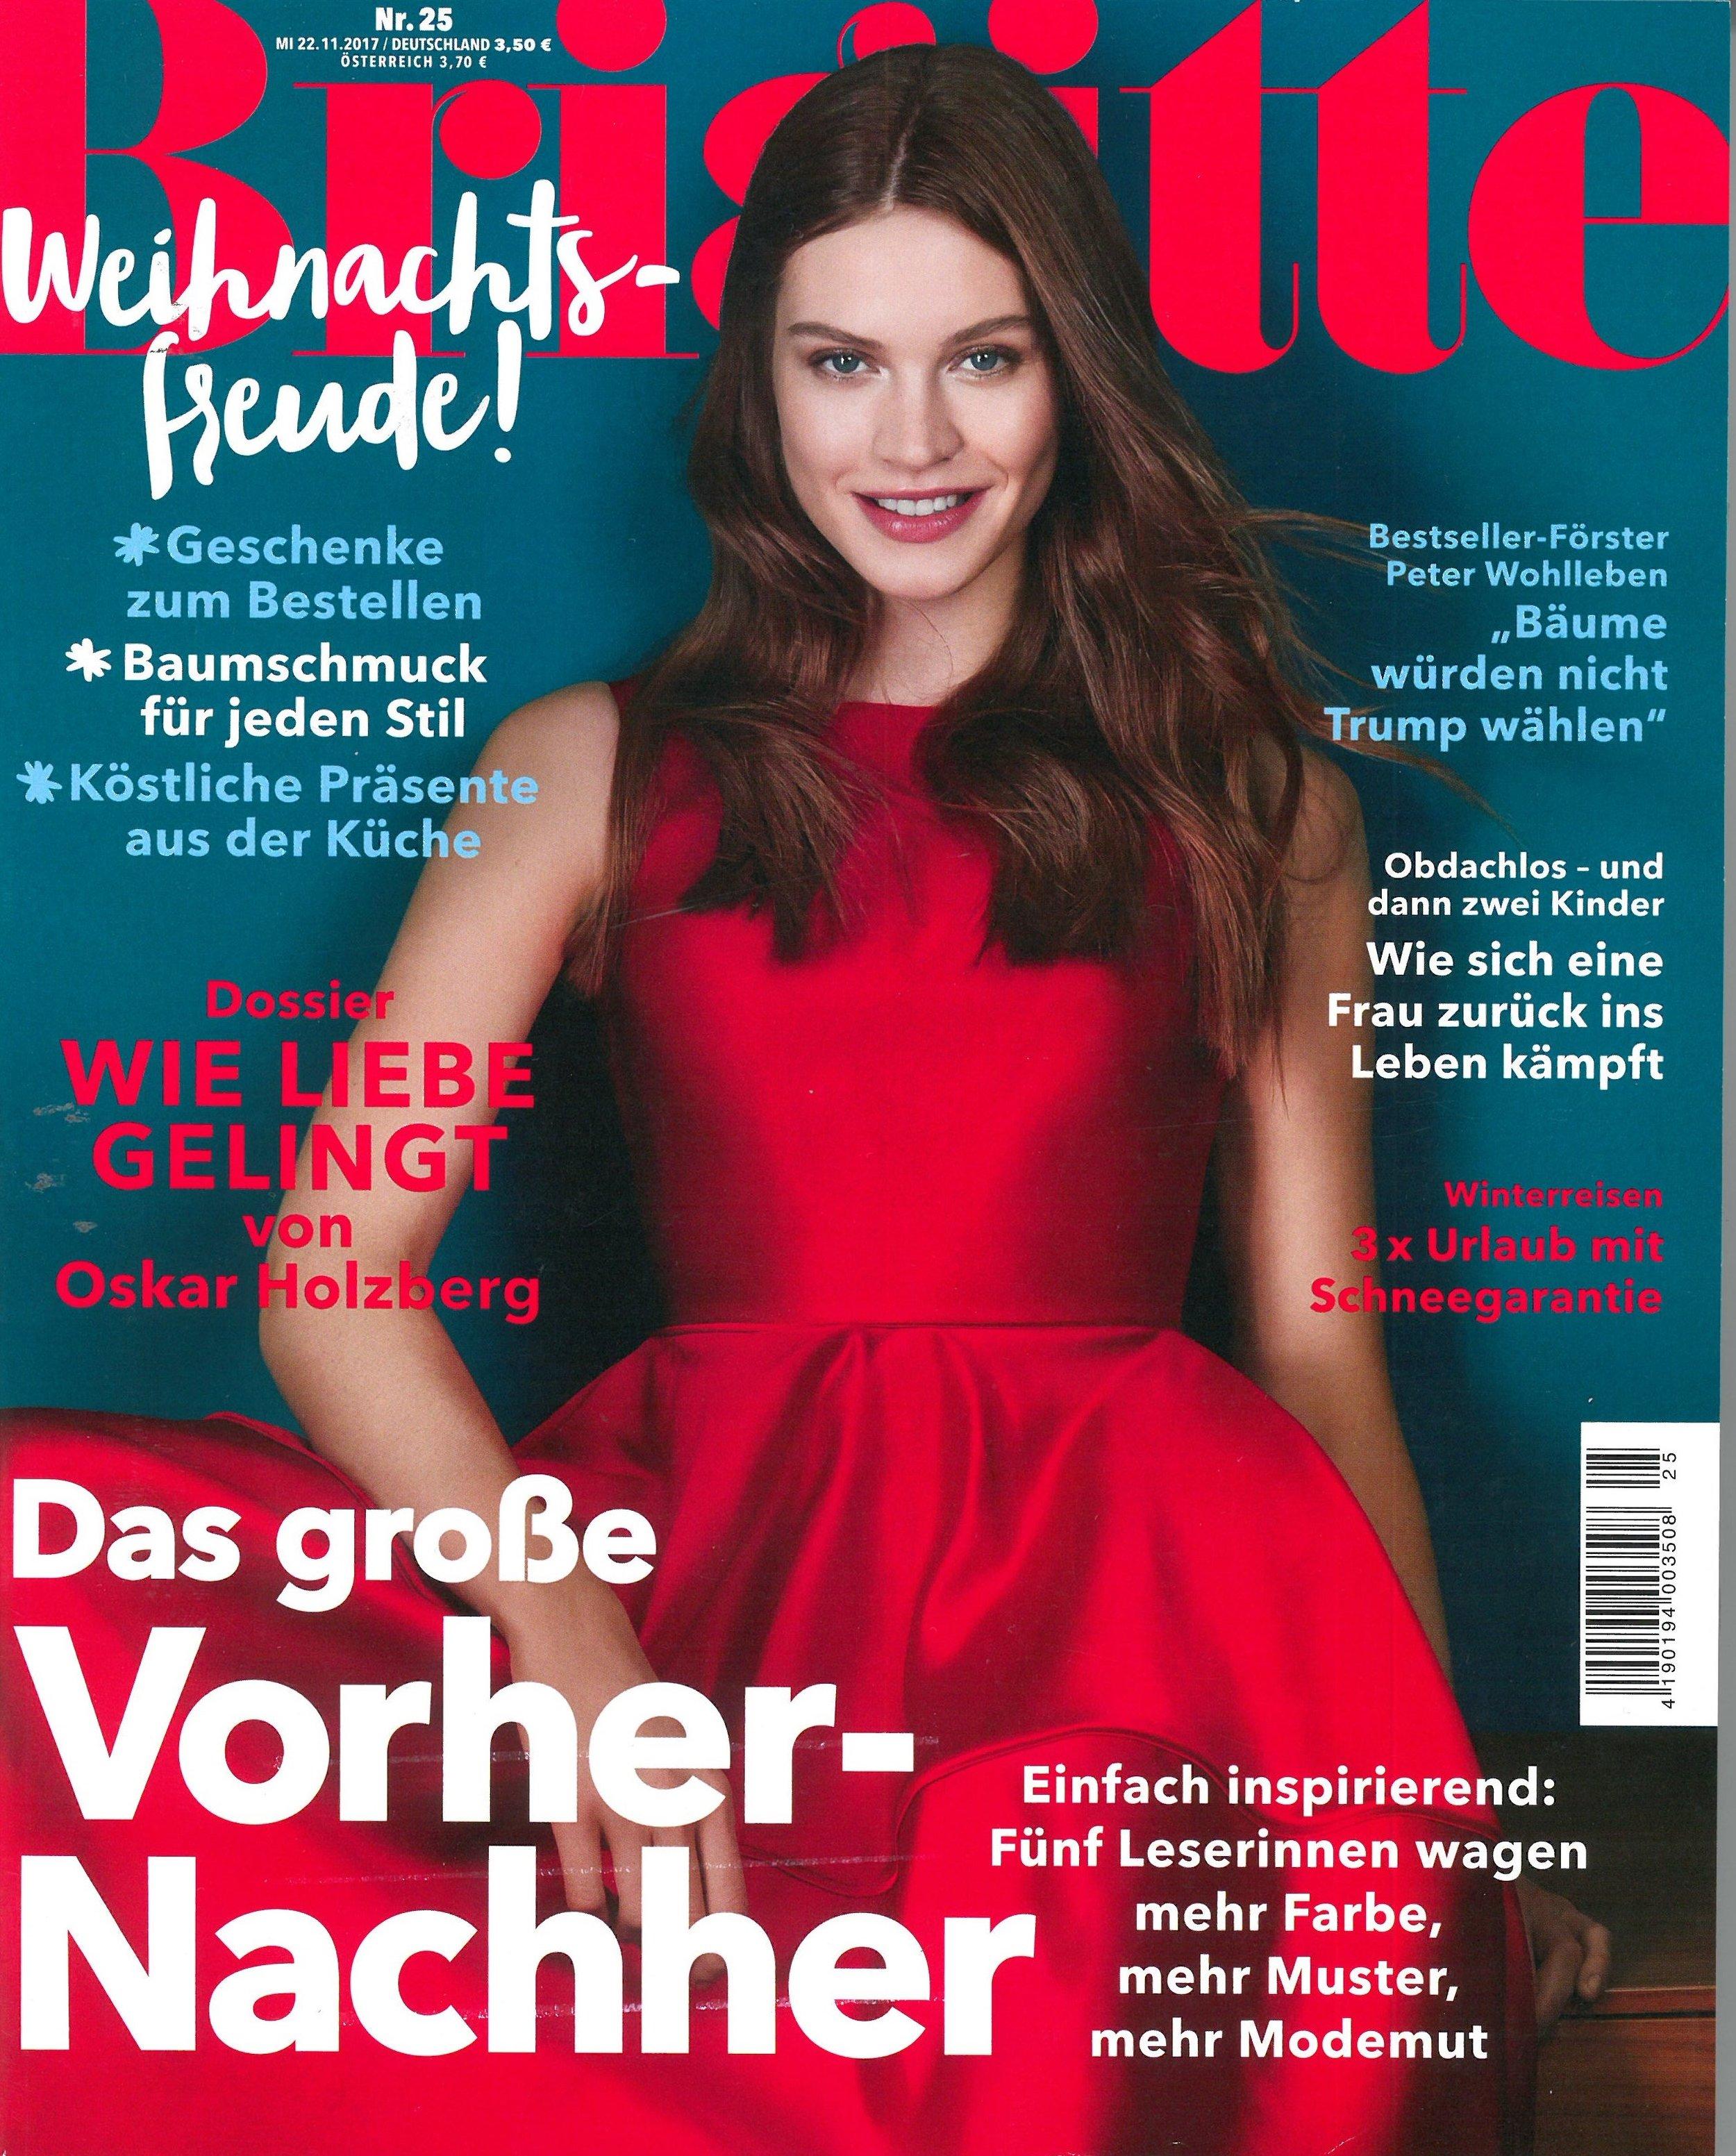 Brigitte_Cover.jpg